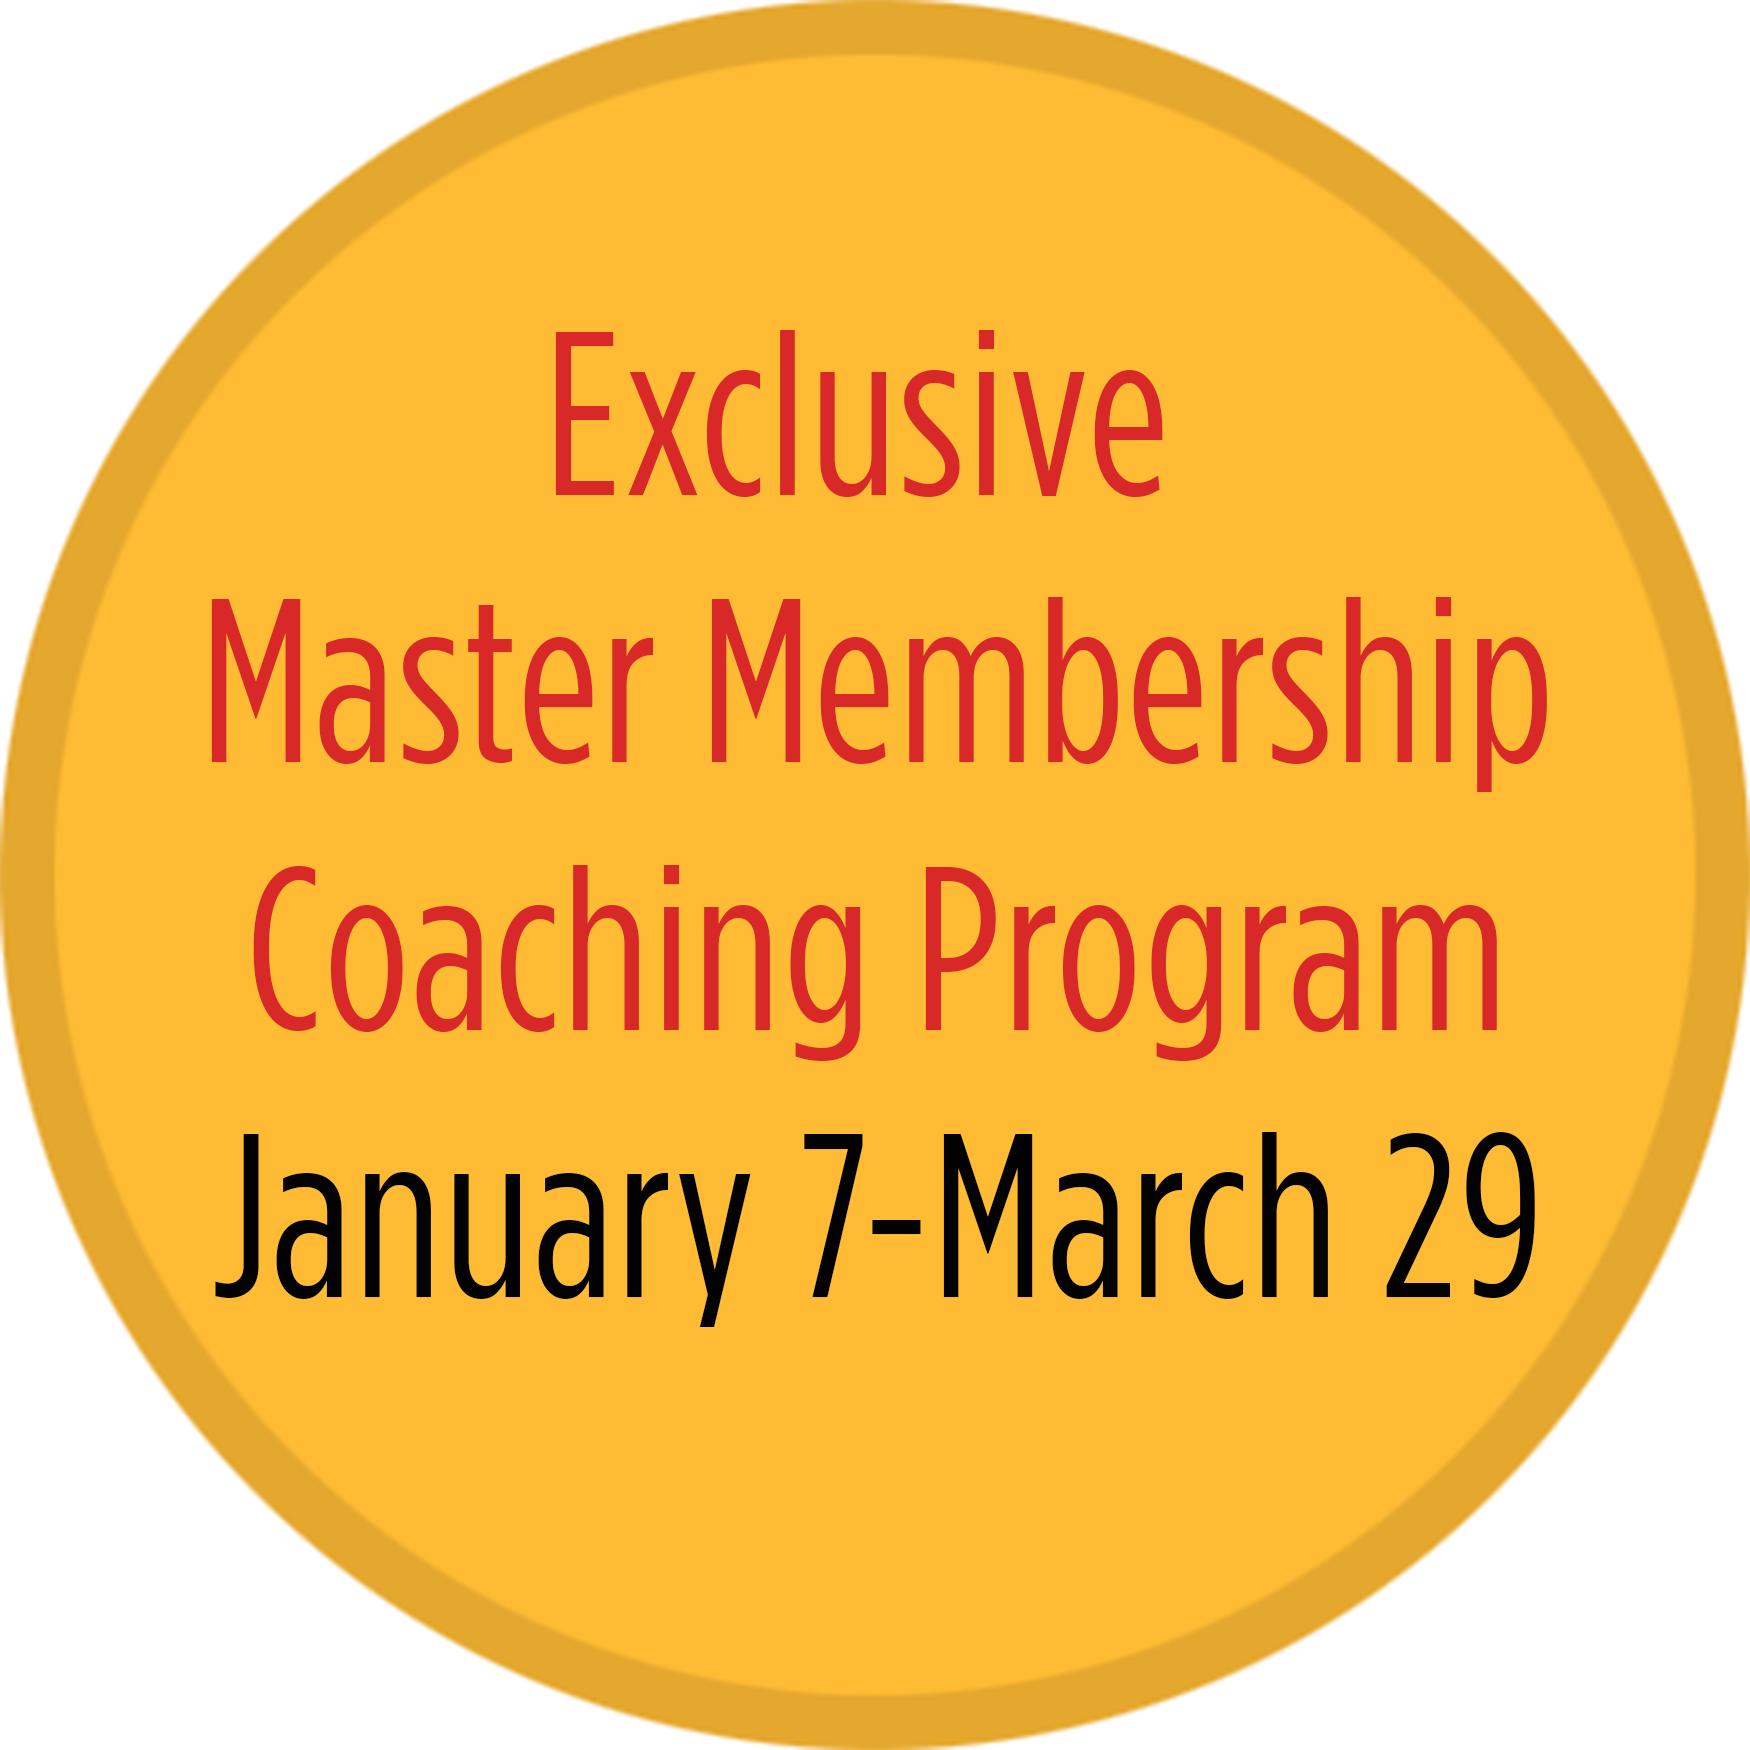 Master Membership Coaching Program